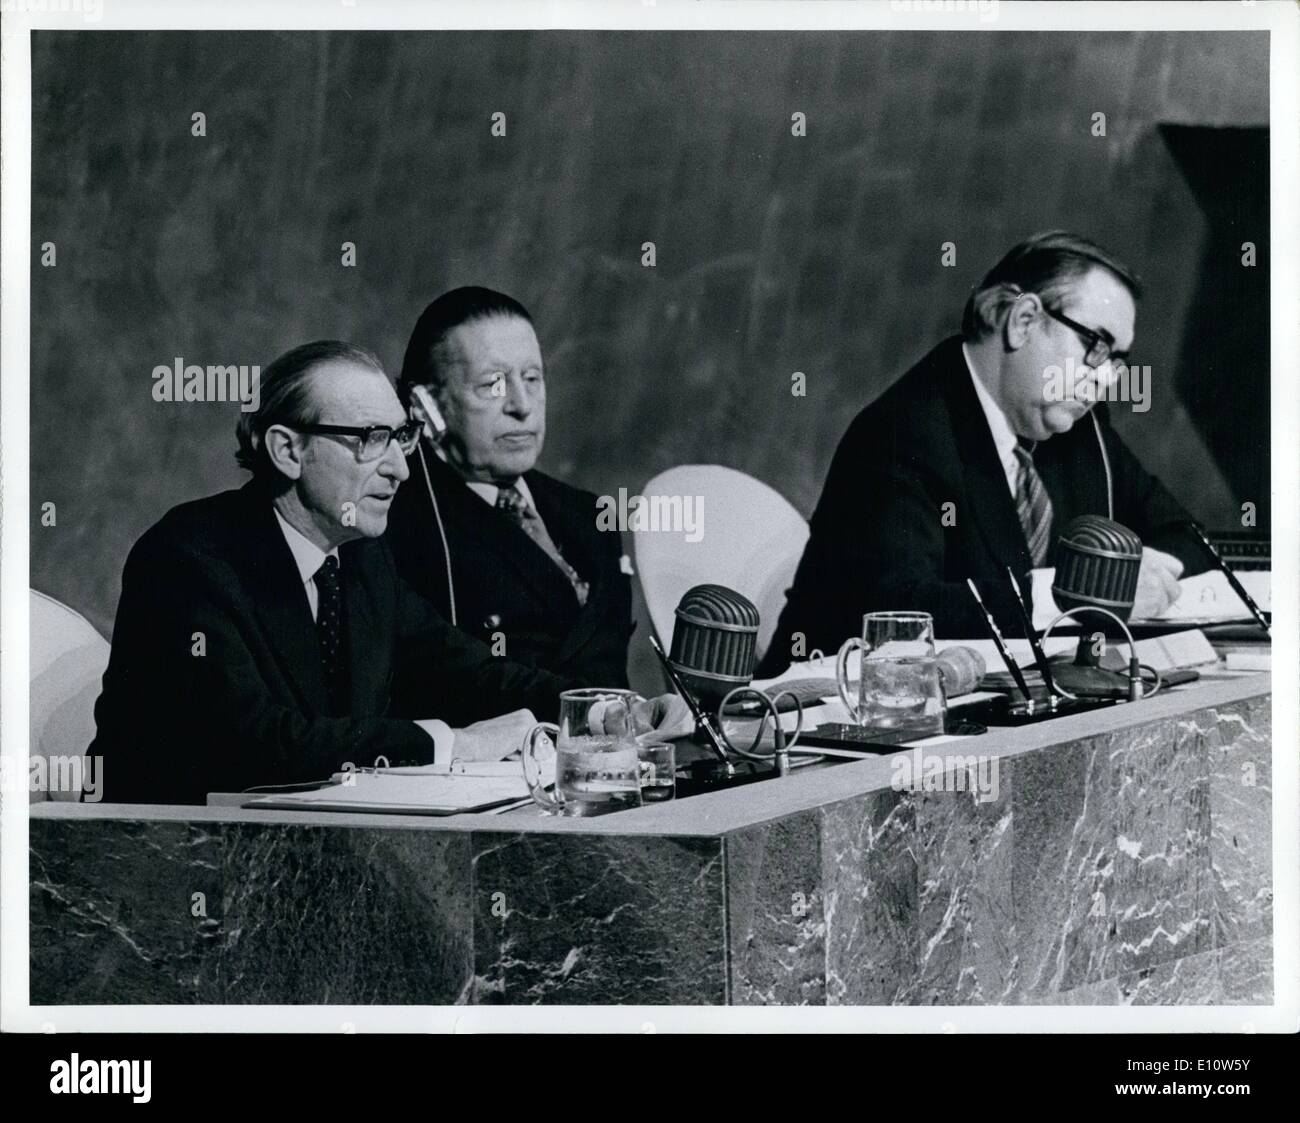 Avril 04, 1974 - L'Assemblée générale commence Session spéciale sur les matières premières et le développement l'Assemblée générale a ouvert sa sixième session extraordinaire, qui a été appelé, à la demande de l'Algérie, d'étudier les problèmes de matières premières et le développement. Leopold Benites (Équateur), Président de la vingt-huitième session ordinaire de l'Assemblée, a été élu par acclamation Président de la session extraordinaire, et un comité spécial a été créé. Secrétaire général Kurt Waldheim s'adressant à l'Assemblée Photo Stock